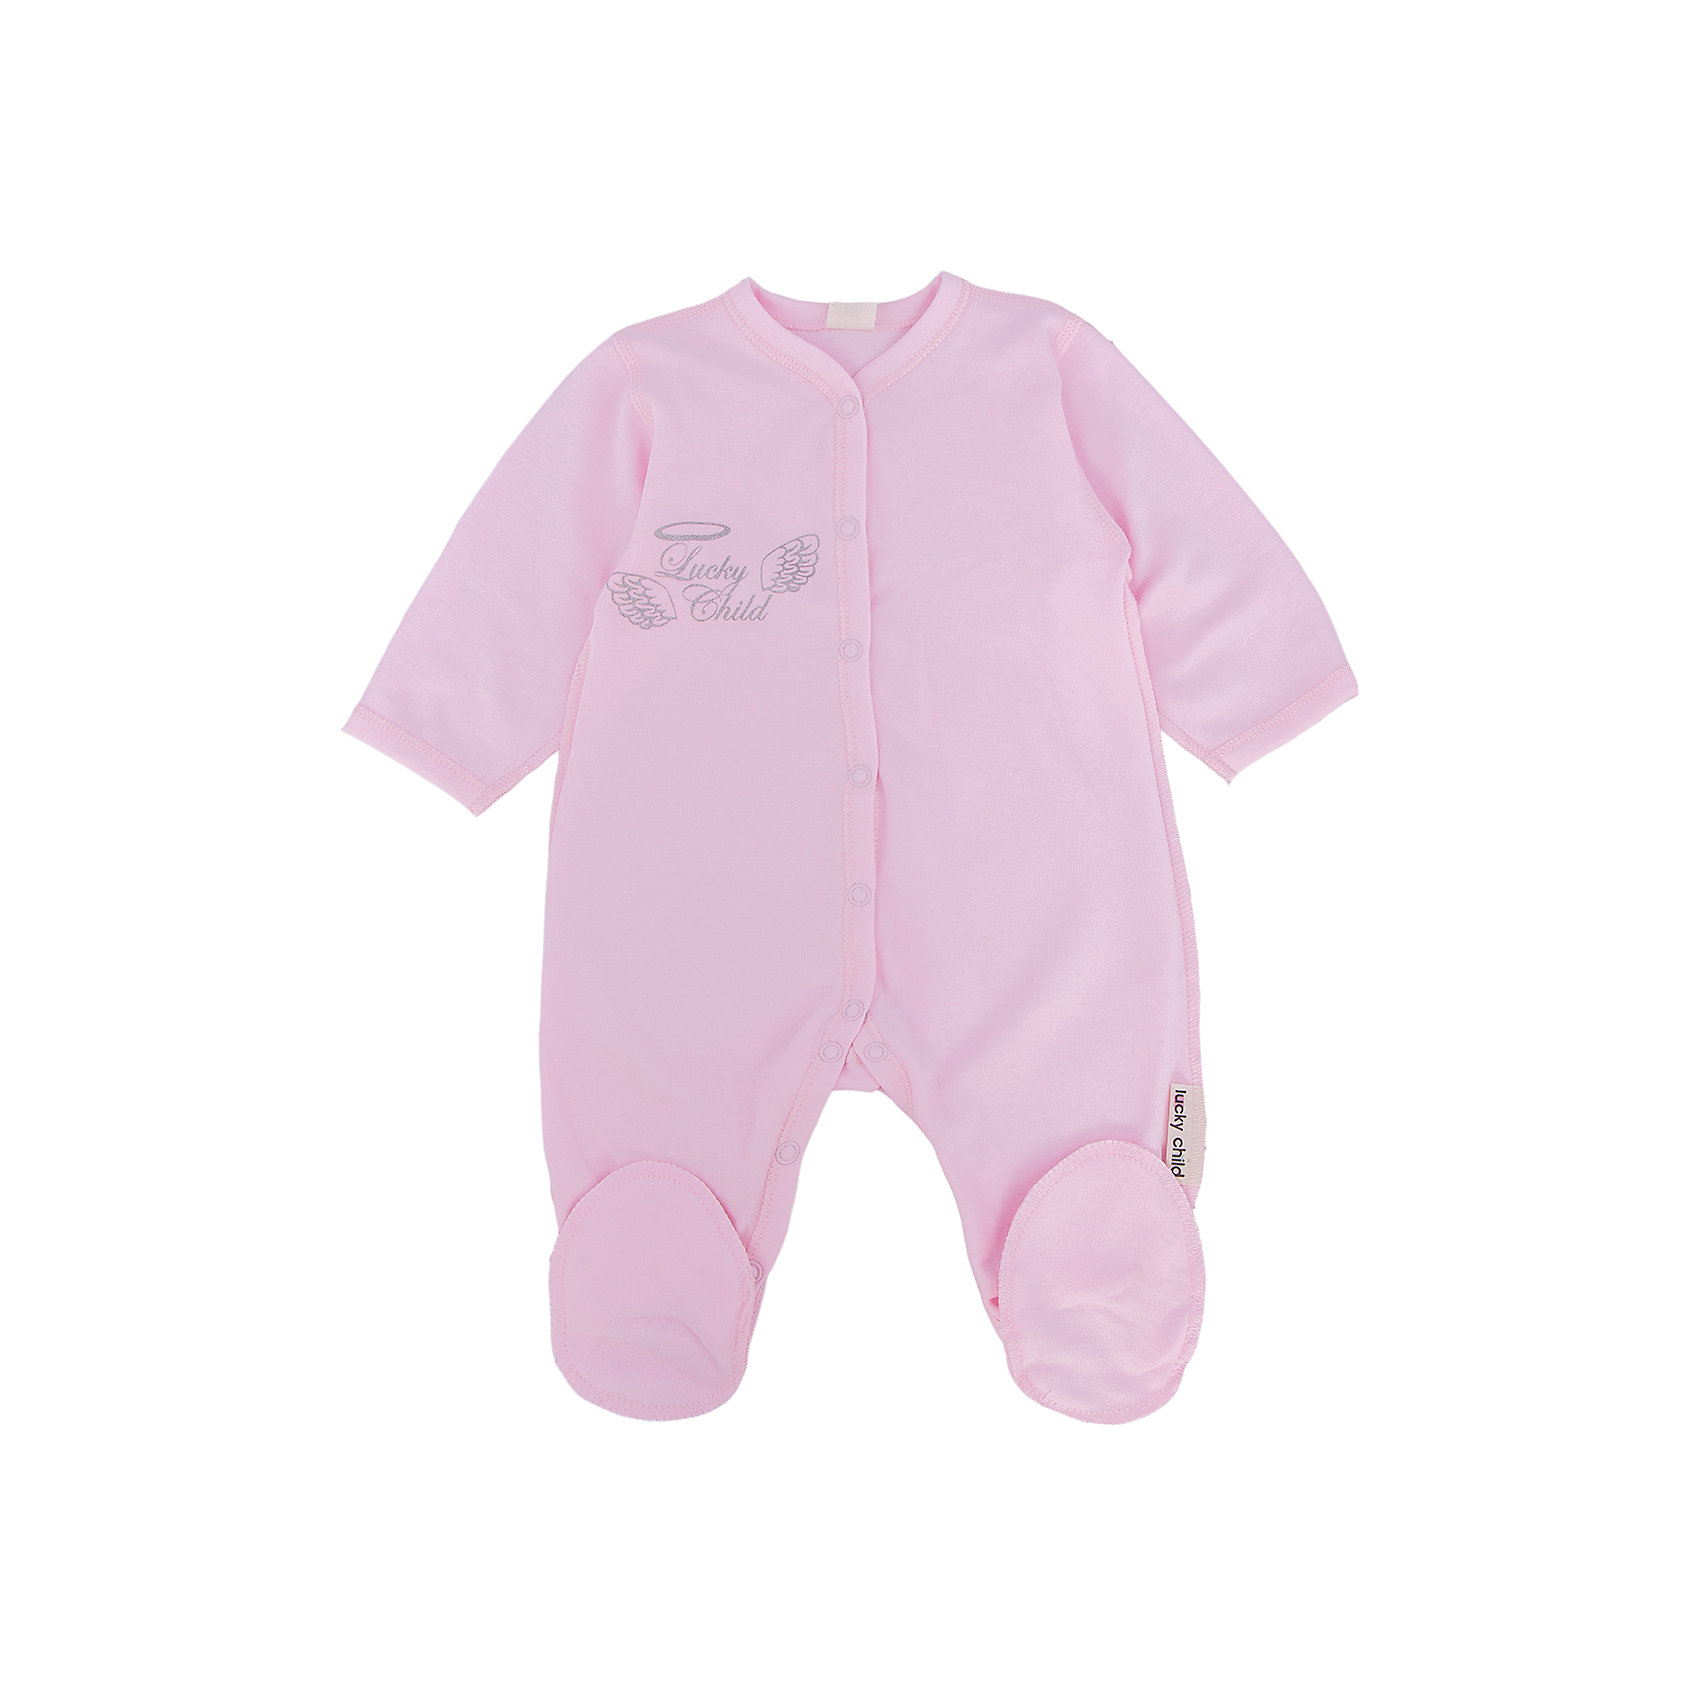 Комбинезон для девочки Lucky ChildКомбинезон для девочки Lucky Child<br>Замечательный розовый комбинезон от Lucky Child – это сочетание кропотливой работы и стиля. Нежный принт будет легко гармонировать с остальной одеждой малыша, а удивительное качество ткани будет ежедневно радовать мам. Все швы проработаны с особой тщательностью, а уникальная система кнопочек позволяет расстегивать и застегивать комбинезон с наименьшими усилиями и неудобством для малыша.<br>Состав : 100% хлопок<br><br>Ширина мм: 157<br>Глубина мм: 13<br>Высота мм: 119<br>Вес г: 200<br>Цвет: розовый<br>Возраст от месяцев: 6<br>Возраст до месяцев: 9<br>Пол: Женский<br>Возраст: Детский<br>Размер: 74/80,68/74,56/62,62/68<br>SKU: 4611917